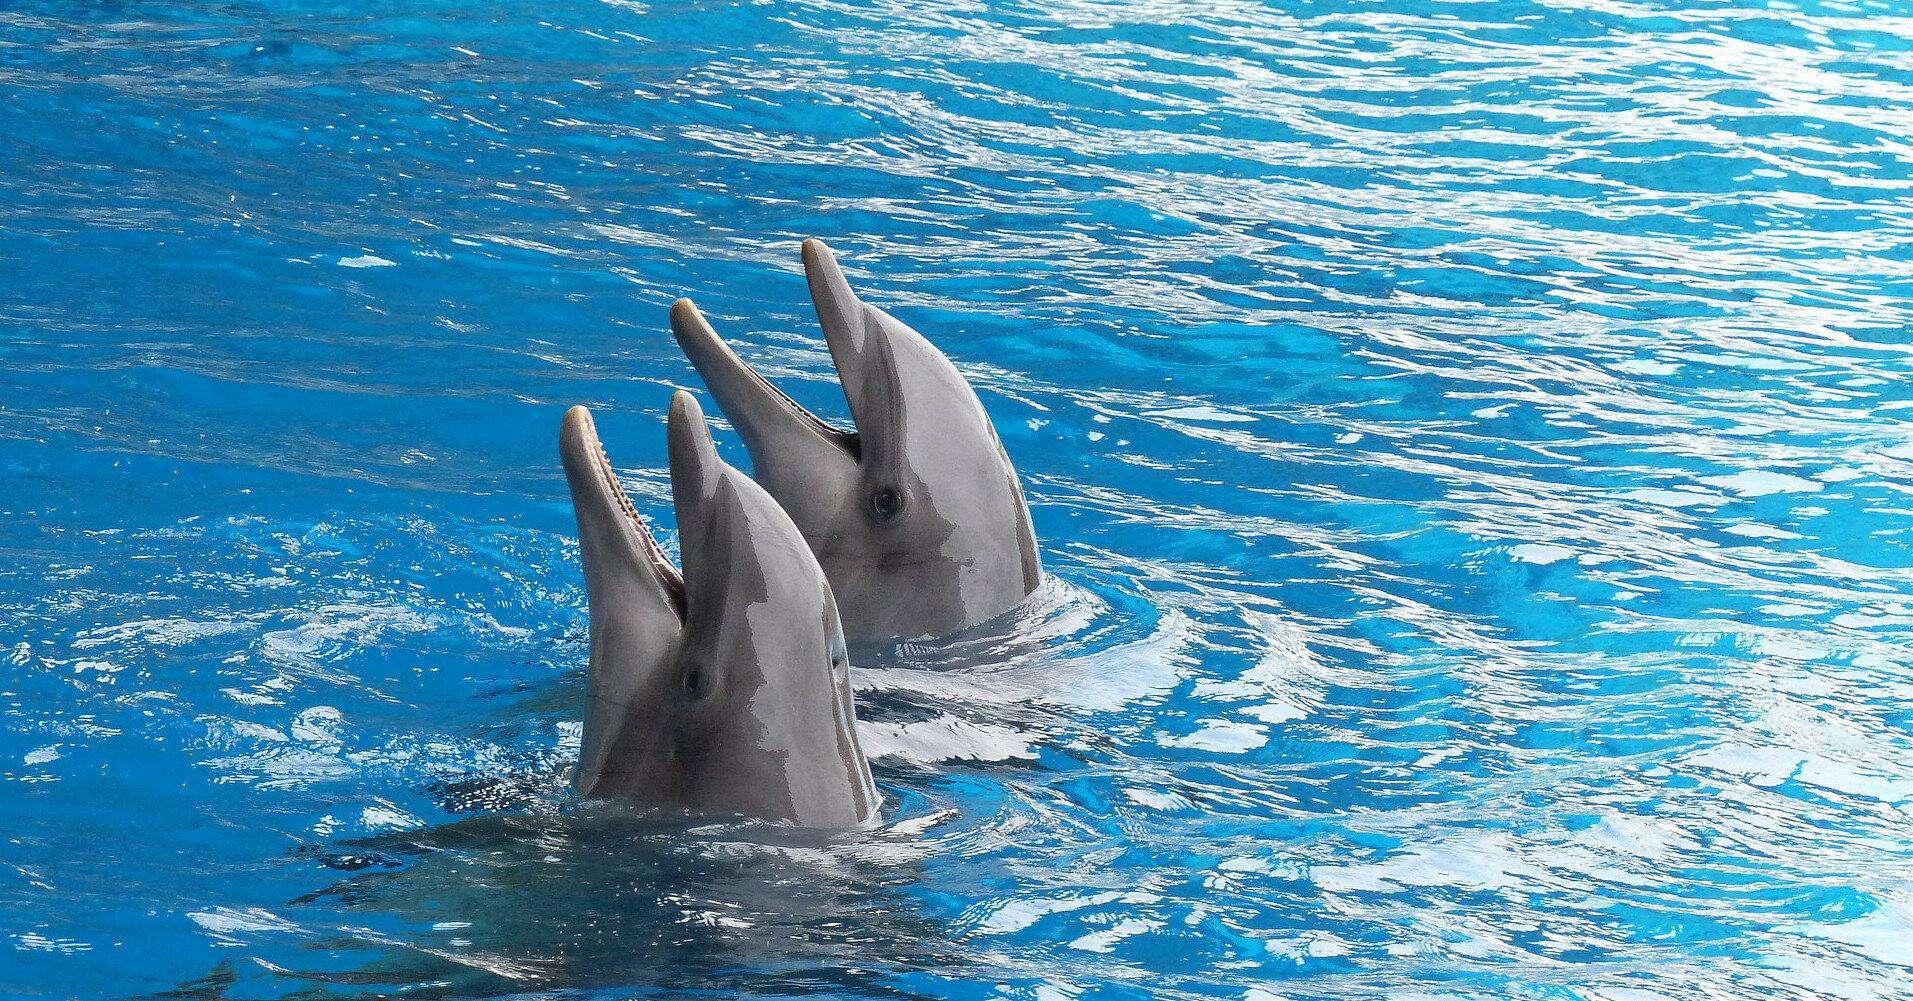 В одесском дельфинарии ребенка укусил дельфин